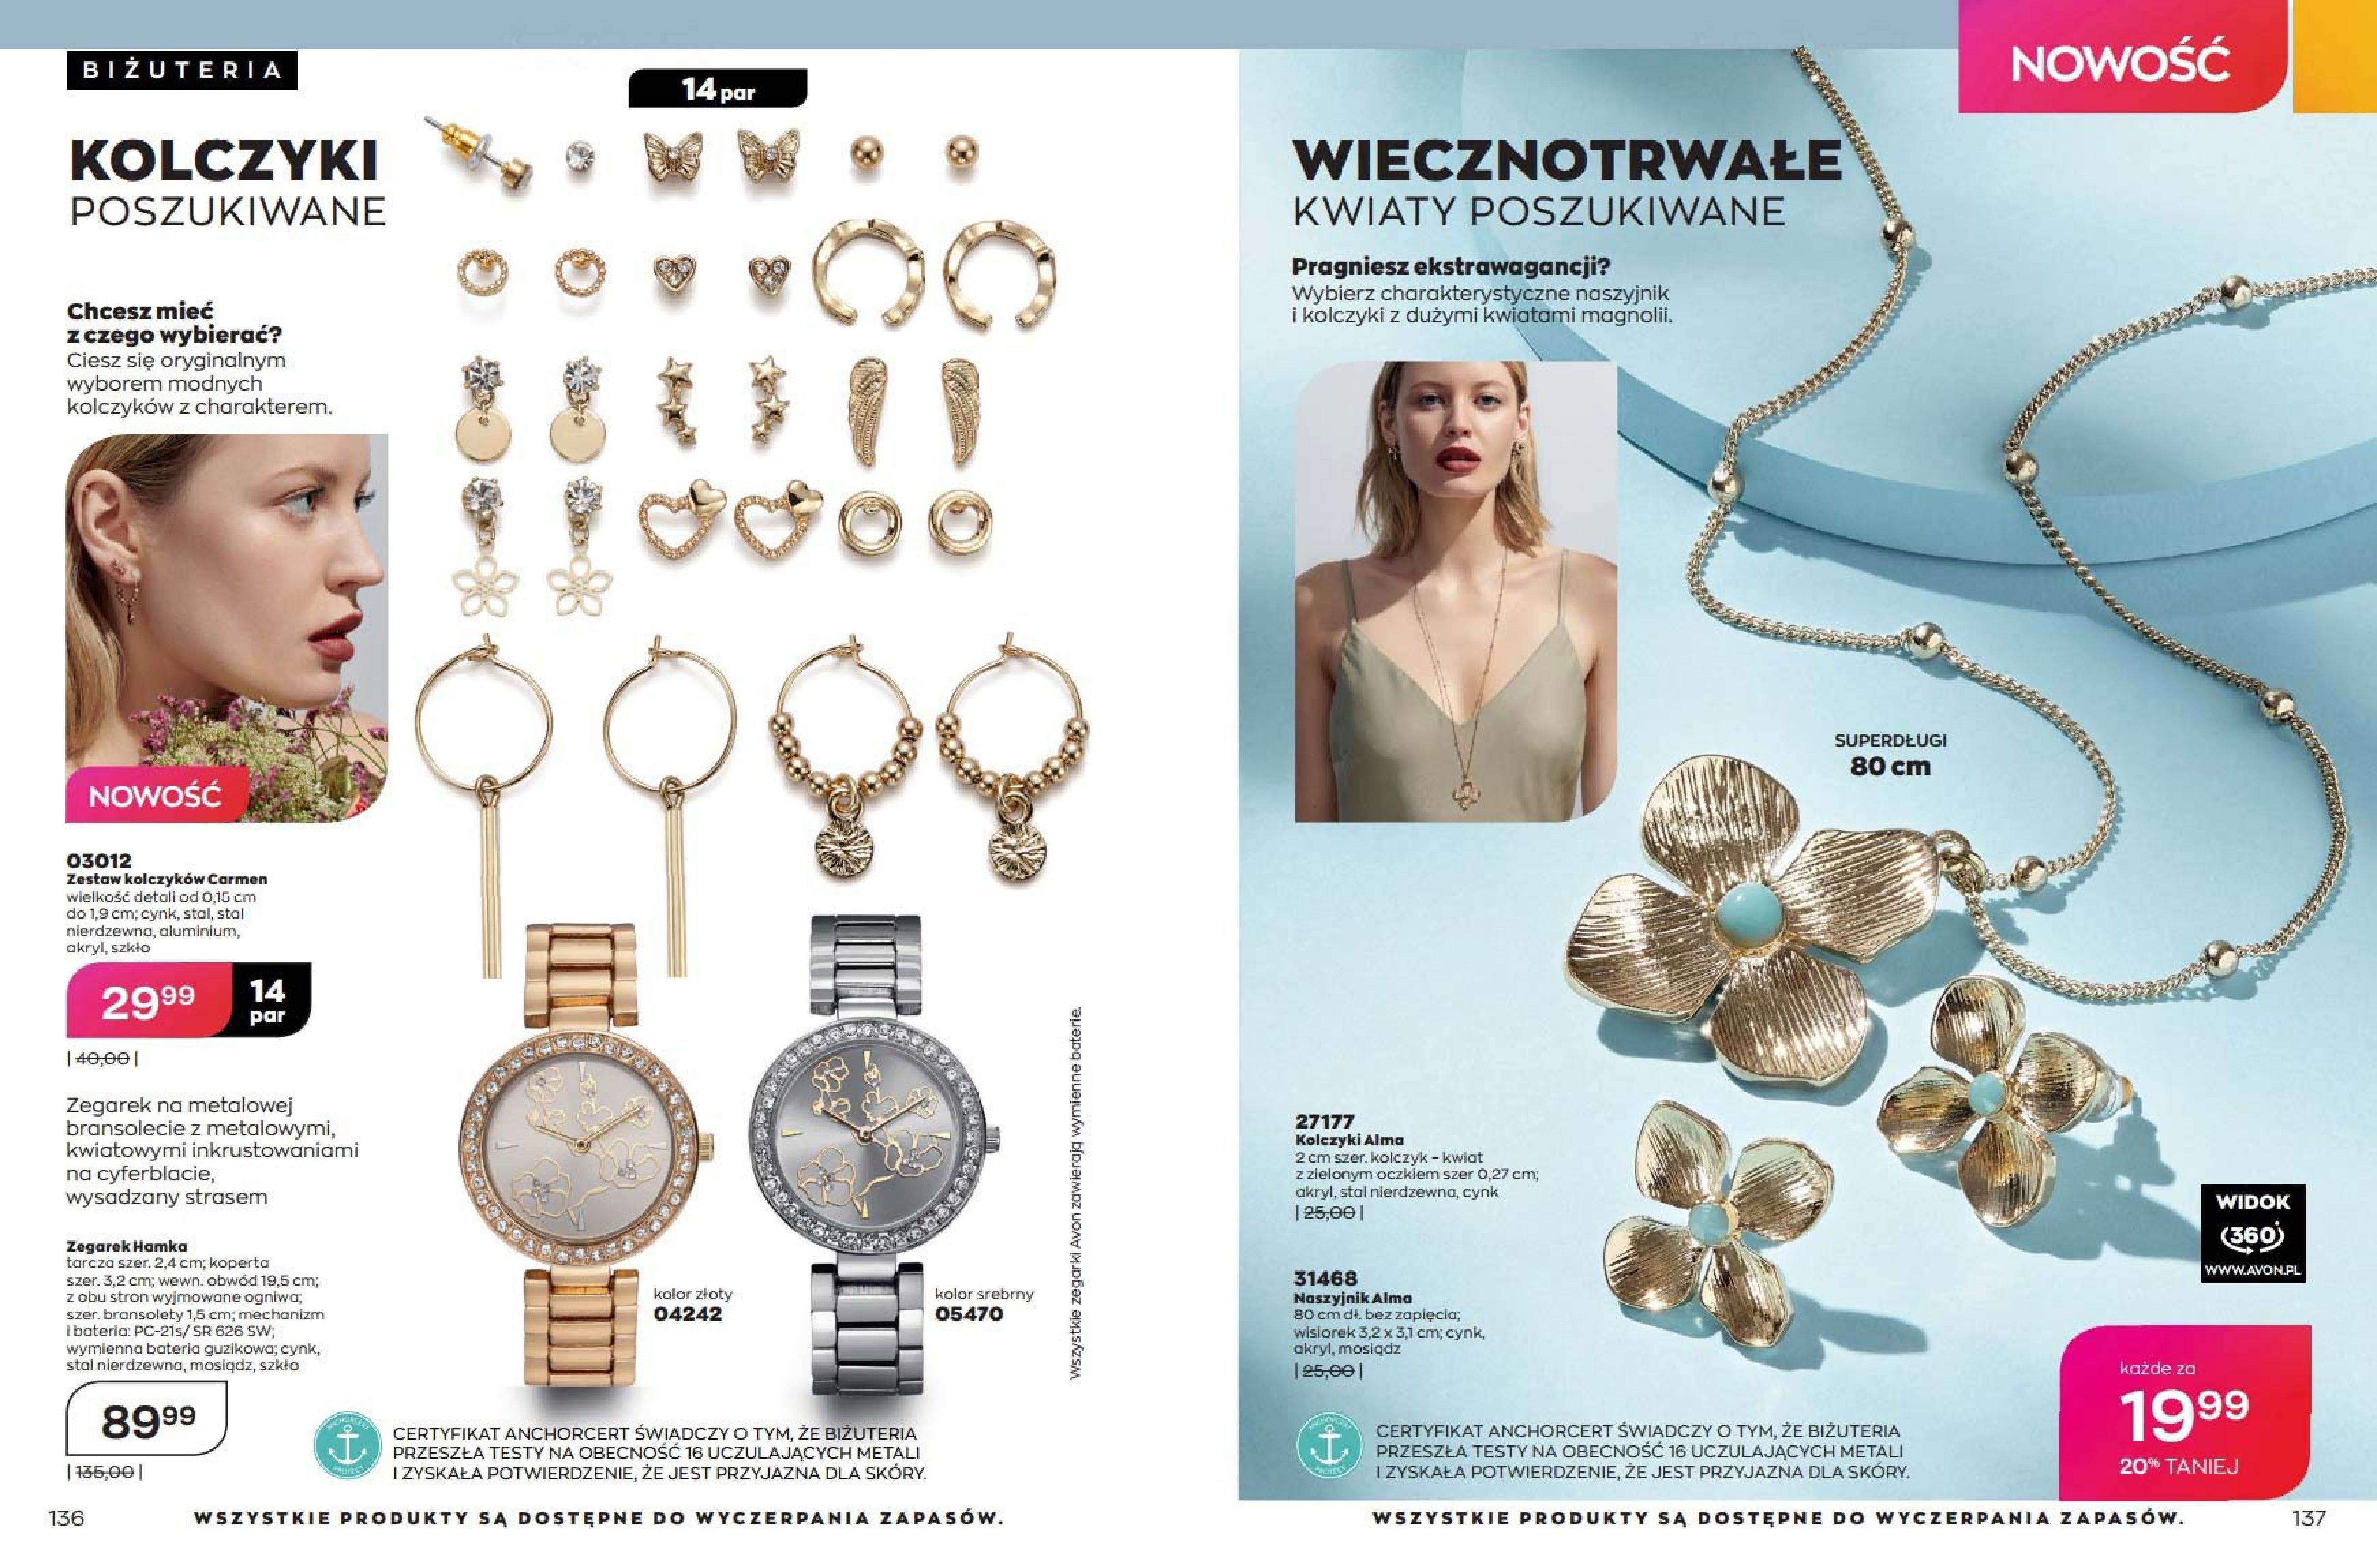 Gazetka Avon: Katalog Avon - Lipiec 2021 2021-07-01 page-69